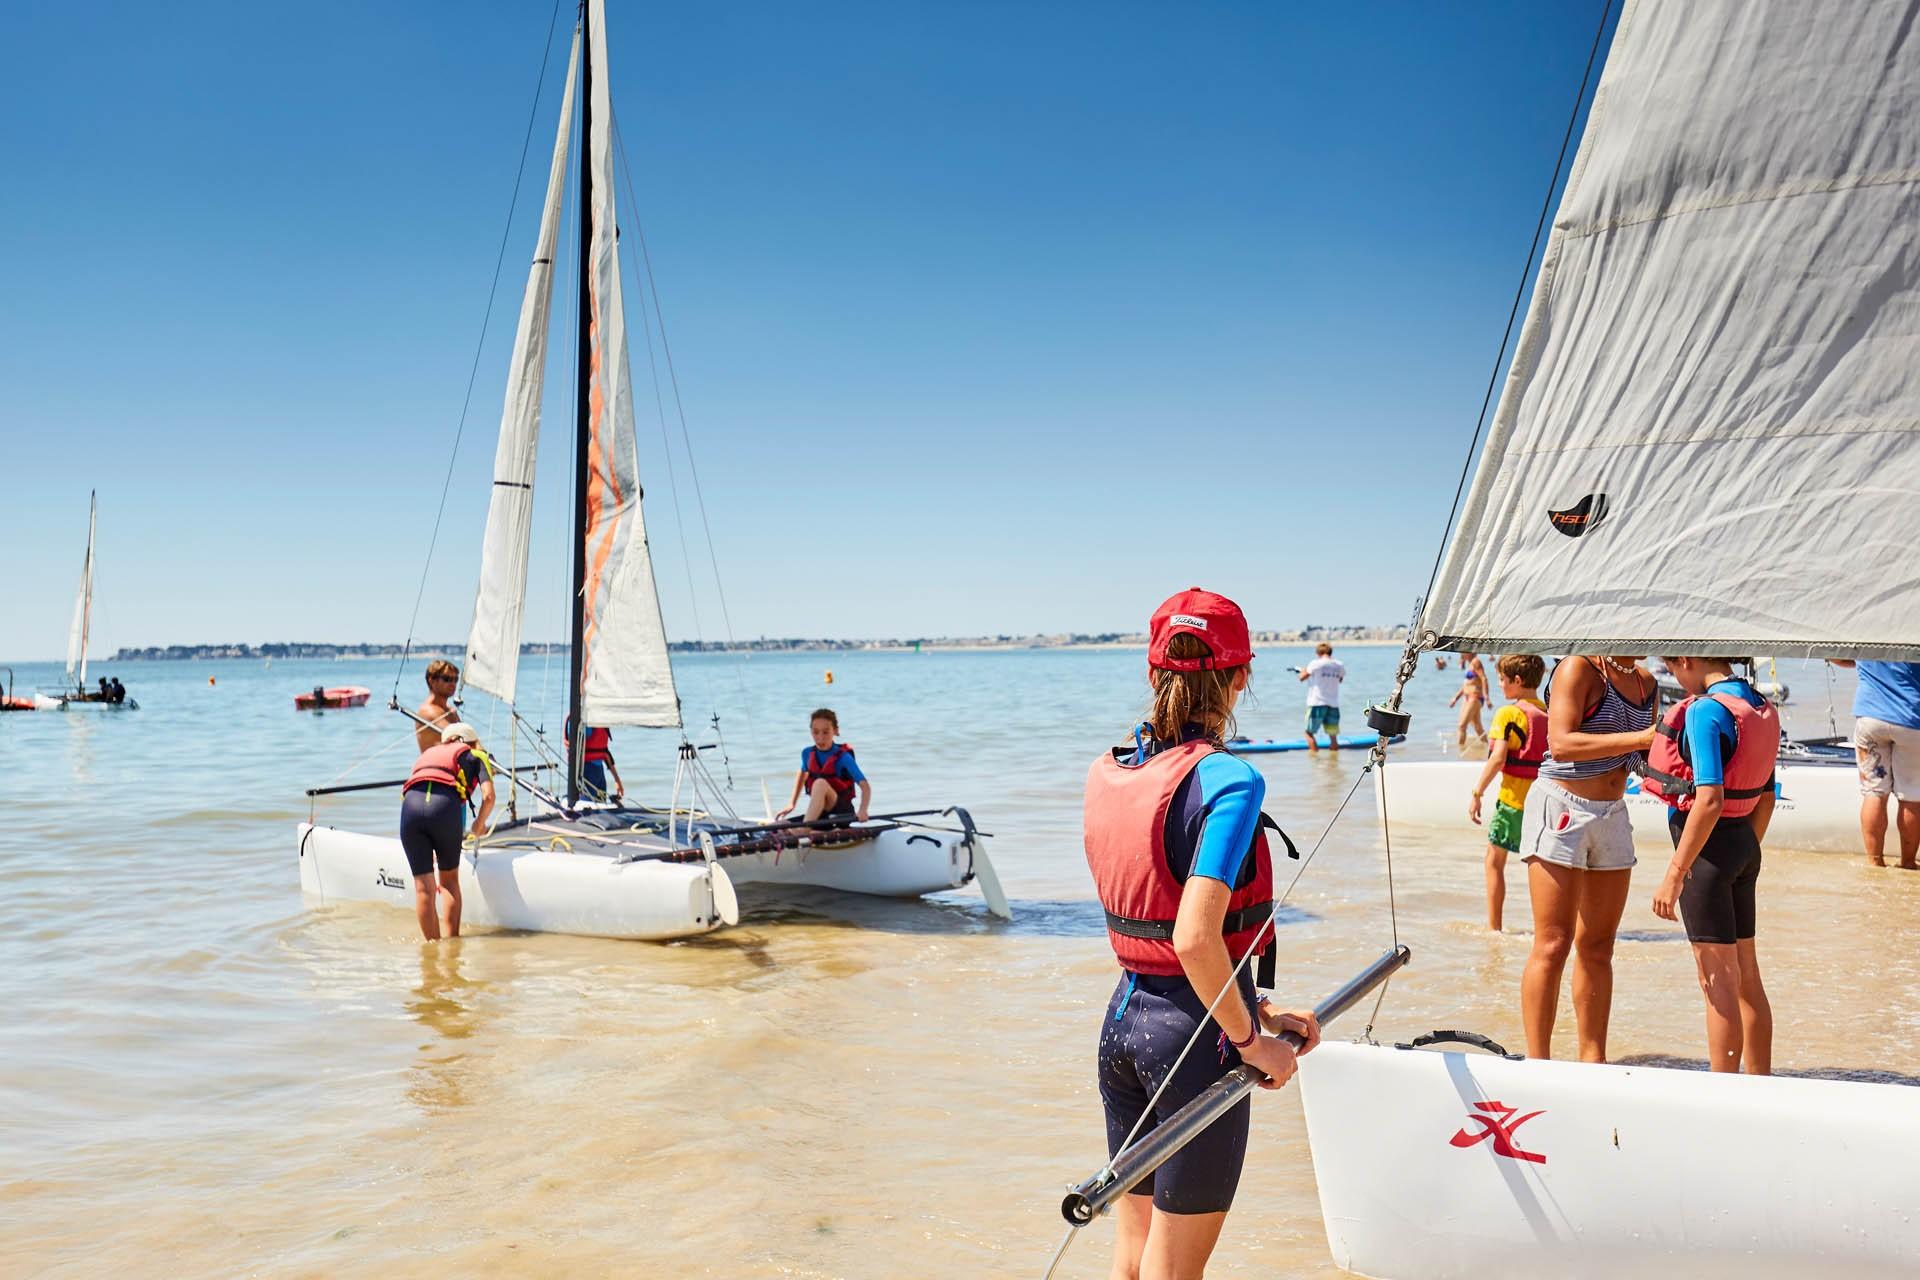 Guide des loisirs nautiques en mer - sécurité et environnement